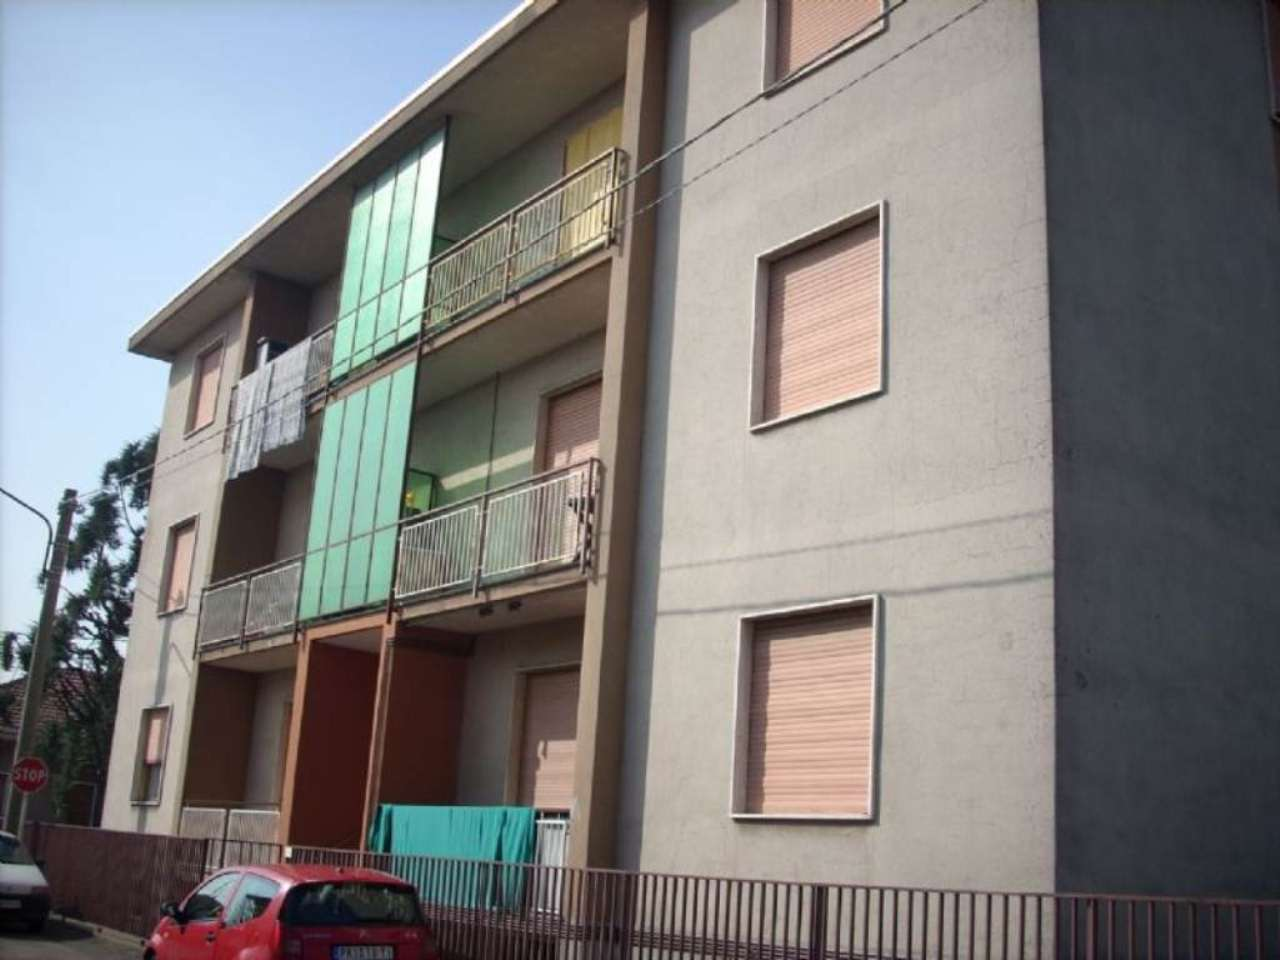 Appartamento in vendita a Buscate, 3 locali, prezzo € 90.000 | CambioCasa.it